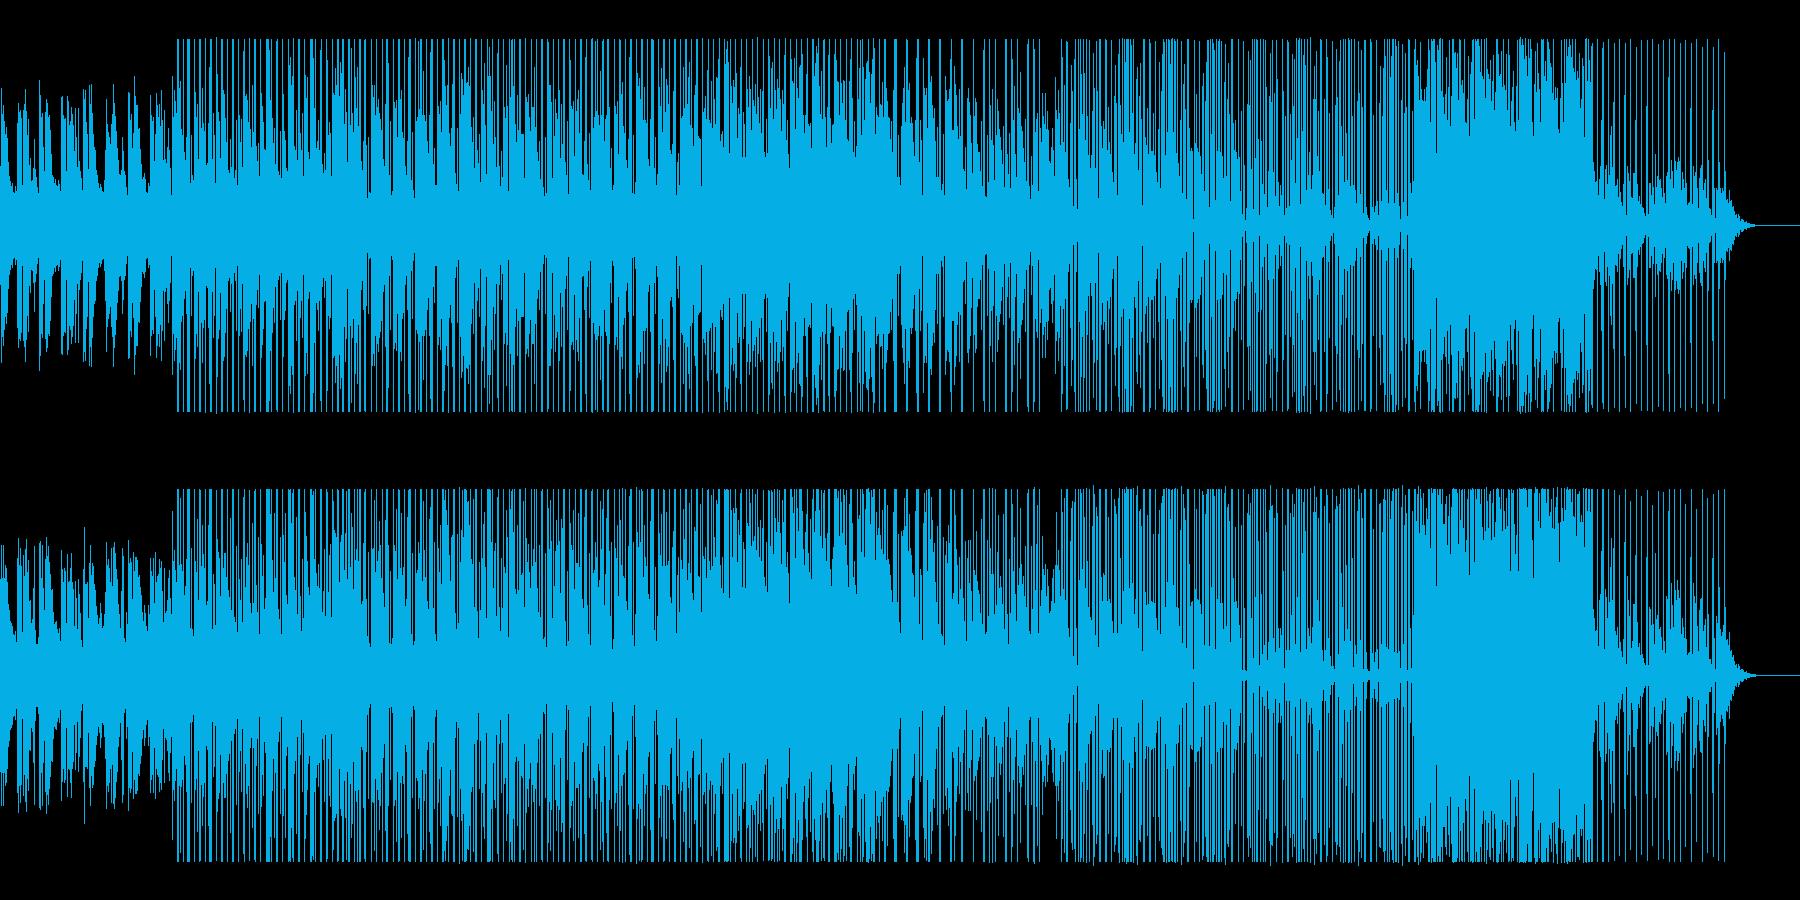 ローファイ・ヒップホップ Lofi の再生済みの波形